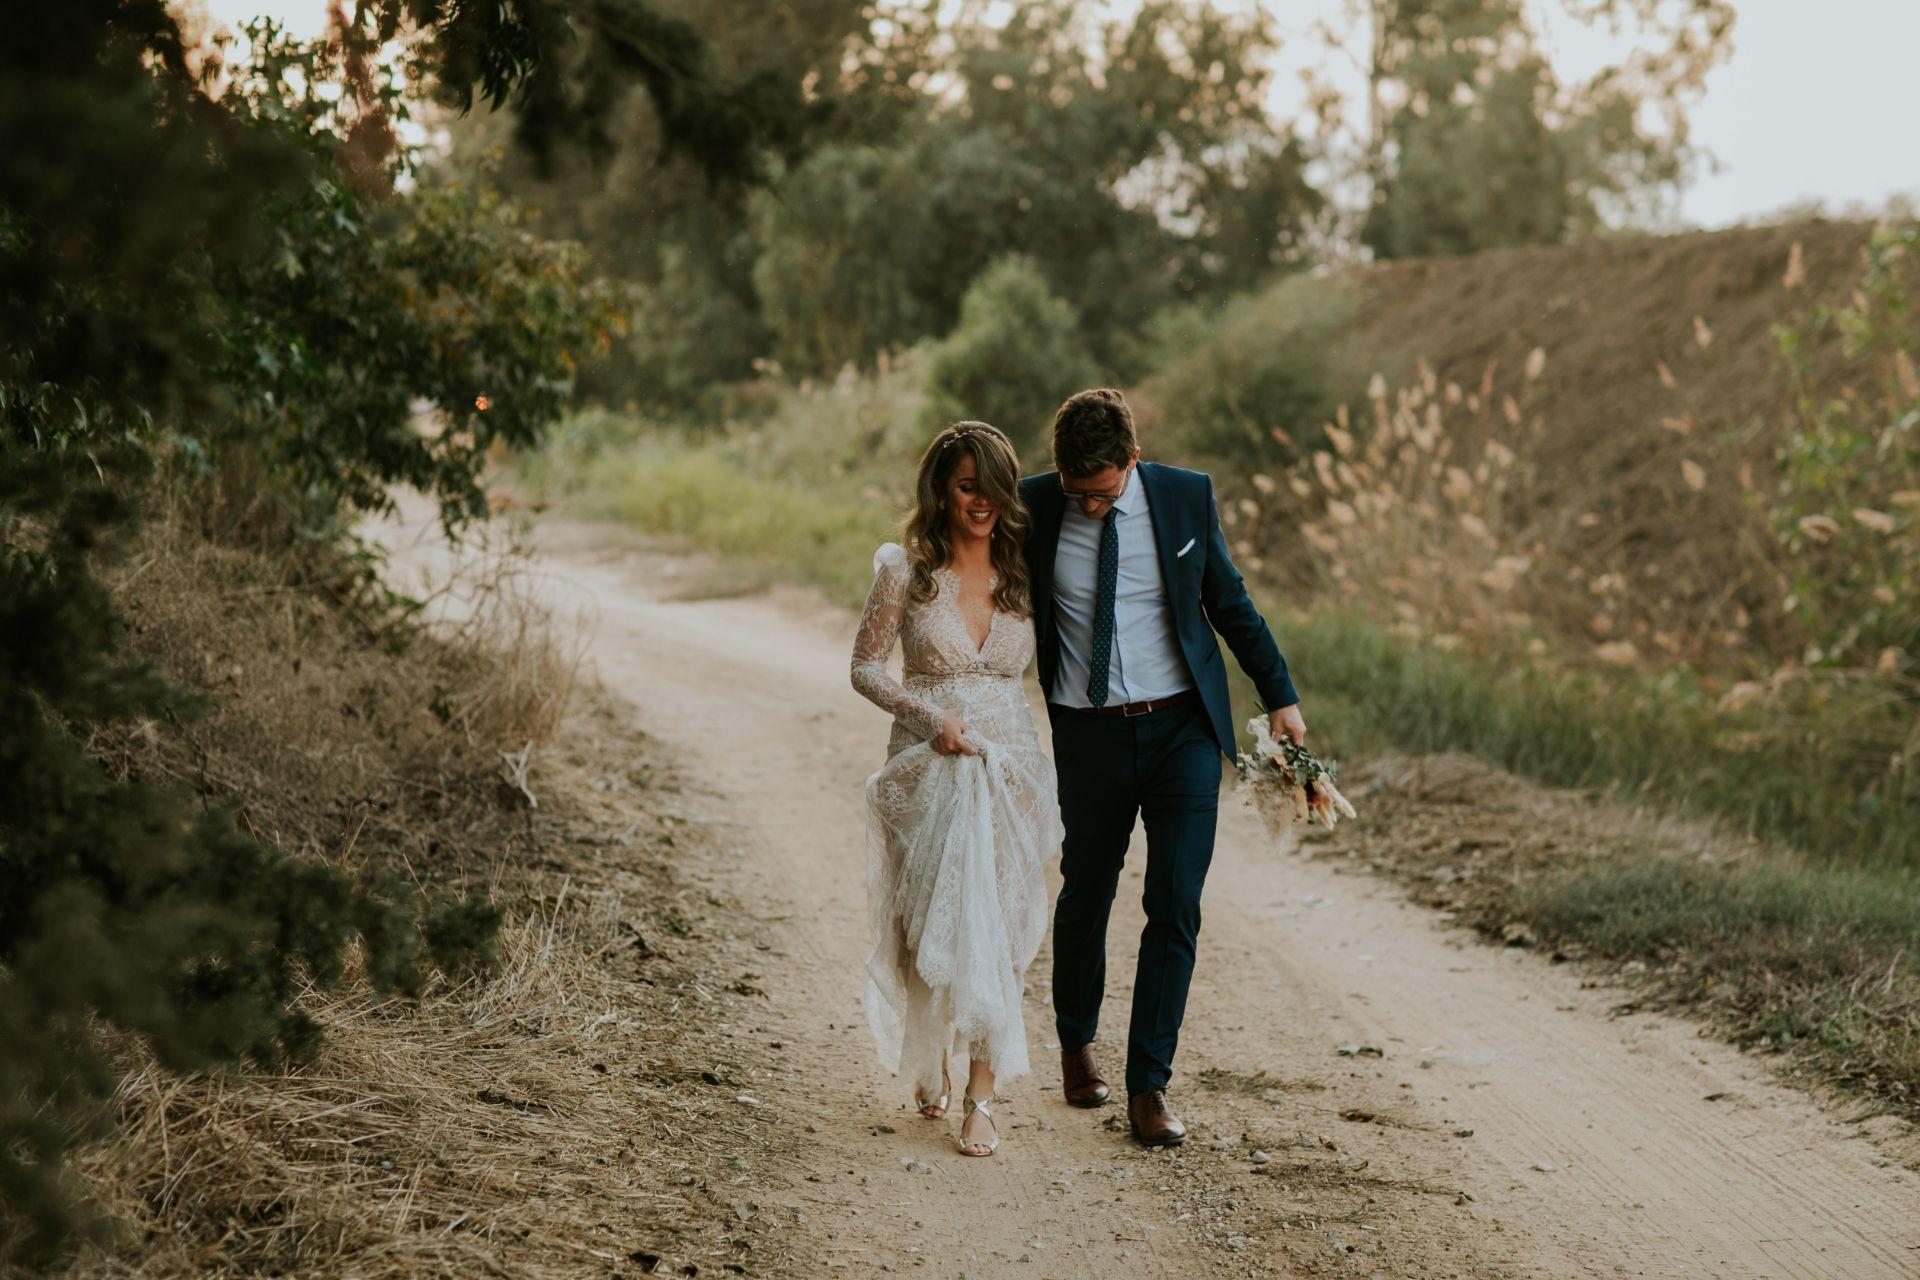 השילוב המושלם בין קלאסי לבוהמייני: החתונה של דנה ותומר